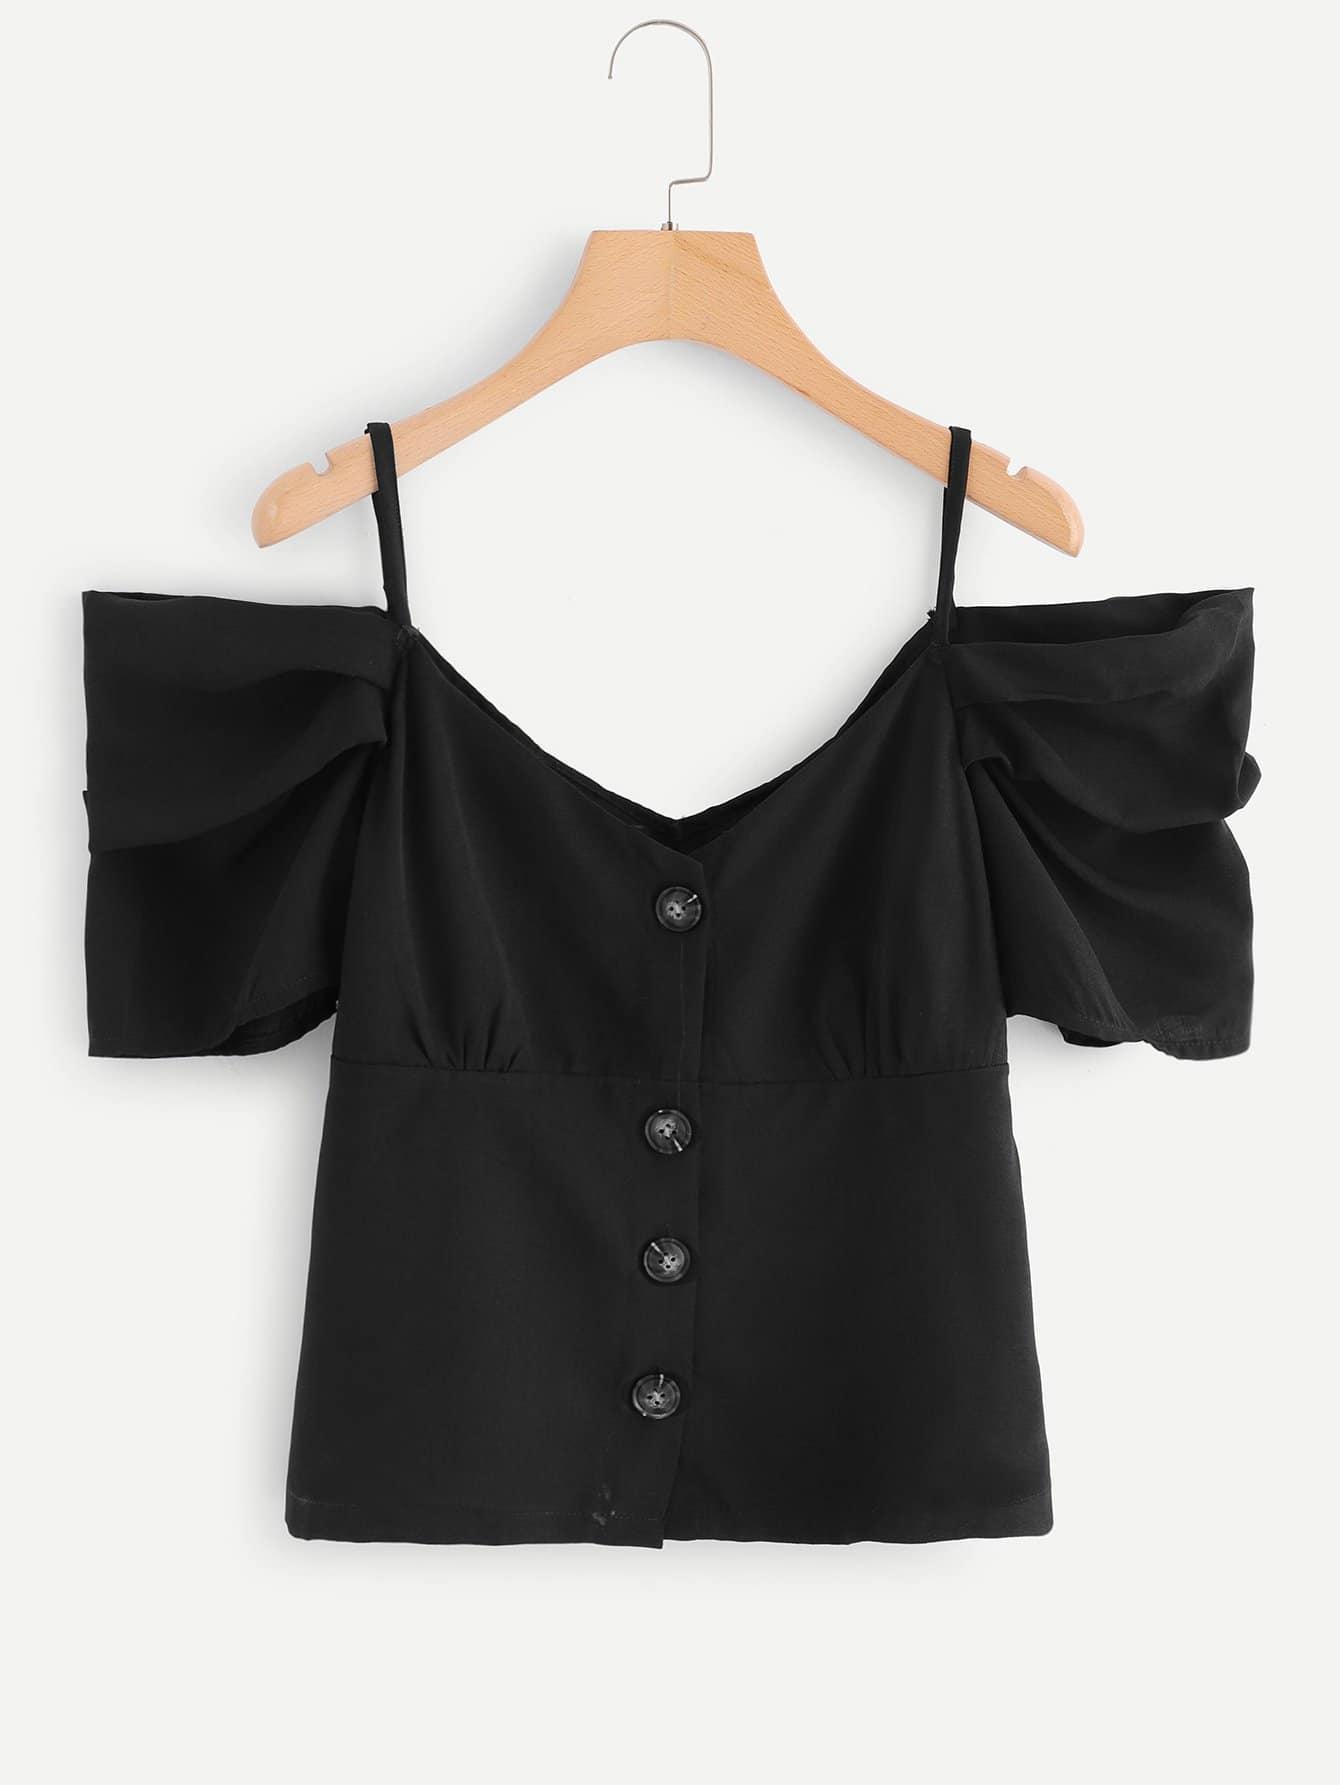 Повседневный Одноцветный Пуговица Черный Блузы+рубашки, null, SheIn  - купить со скидкой